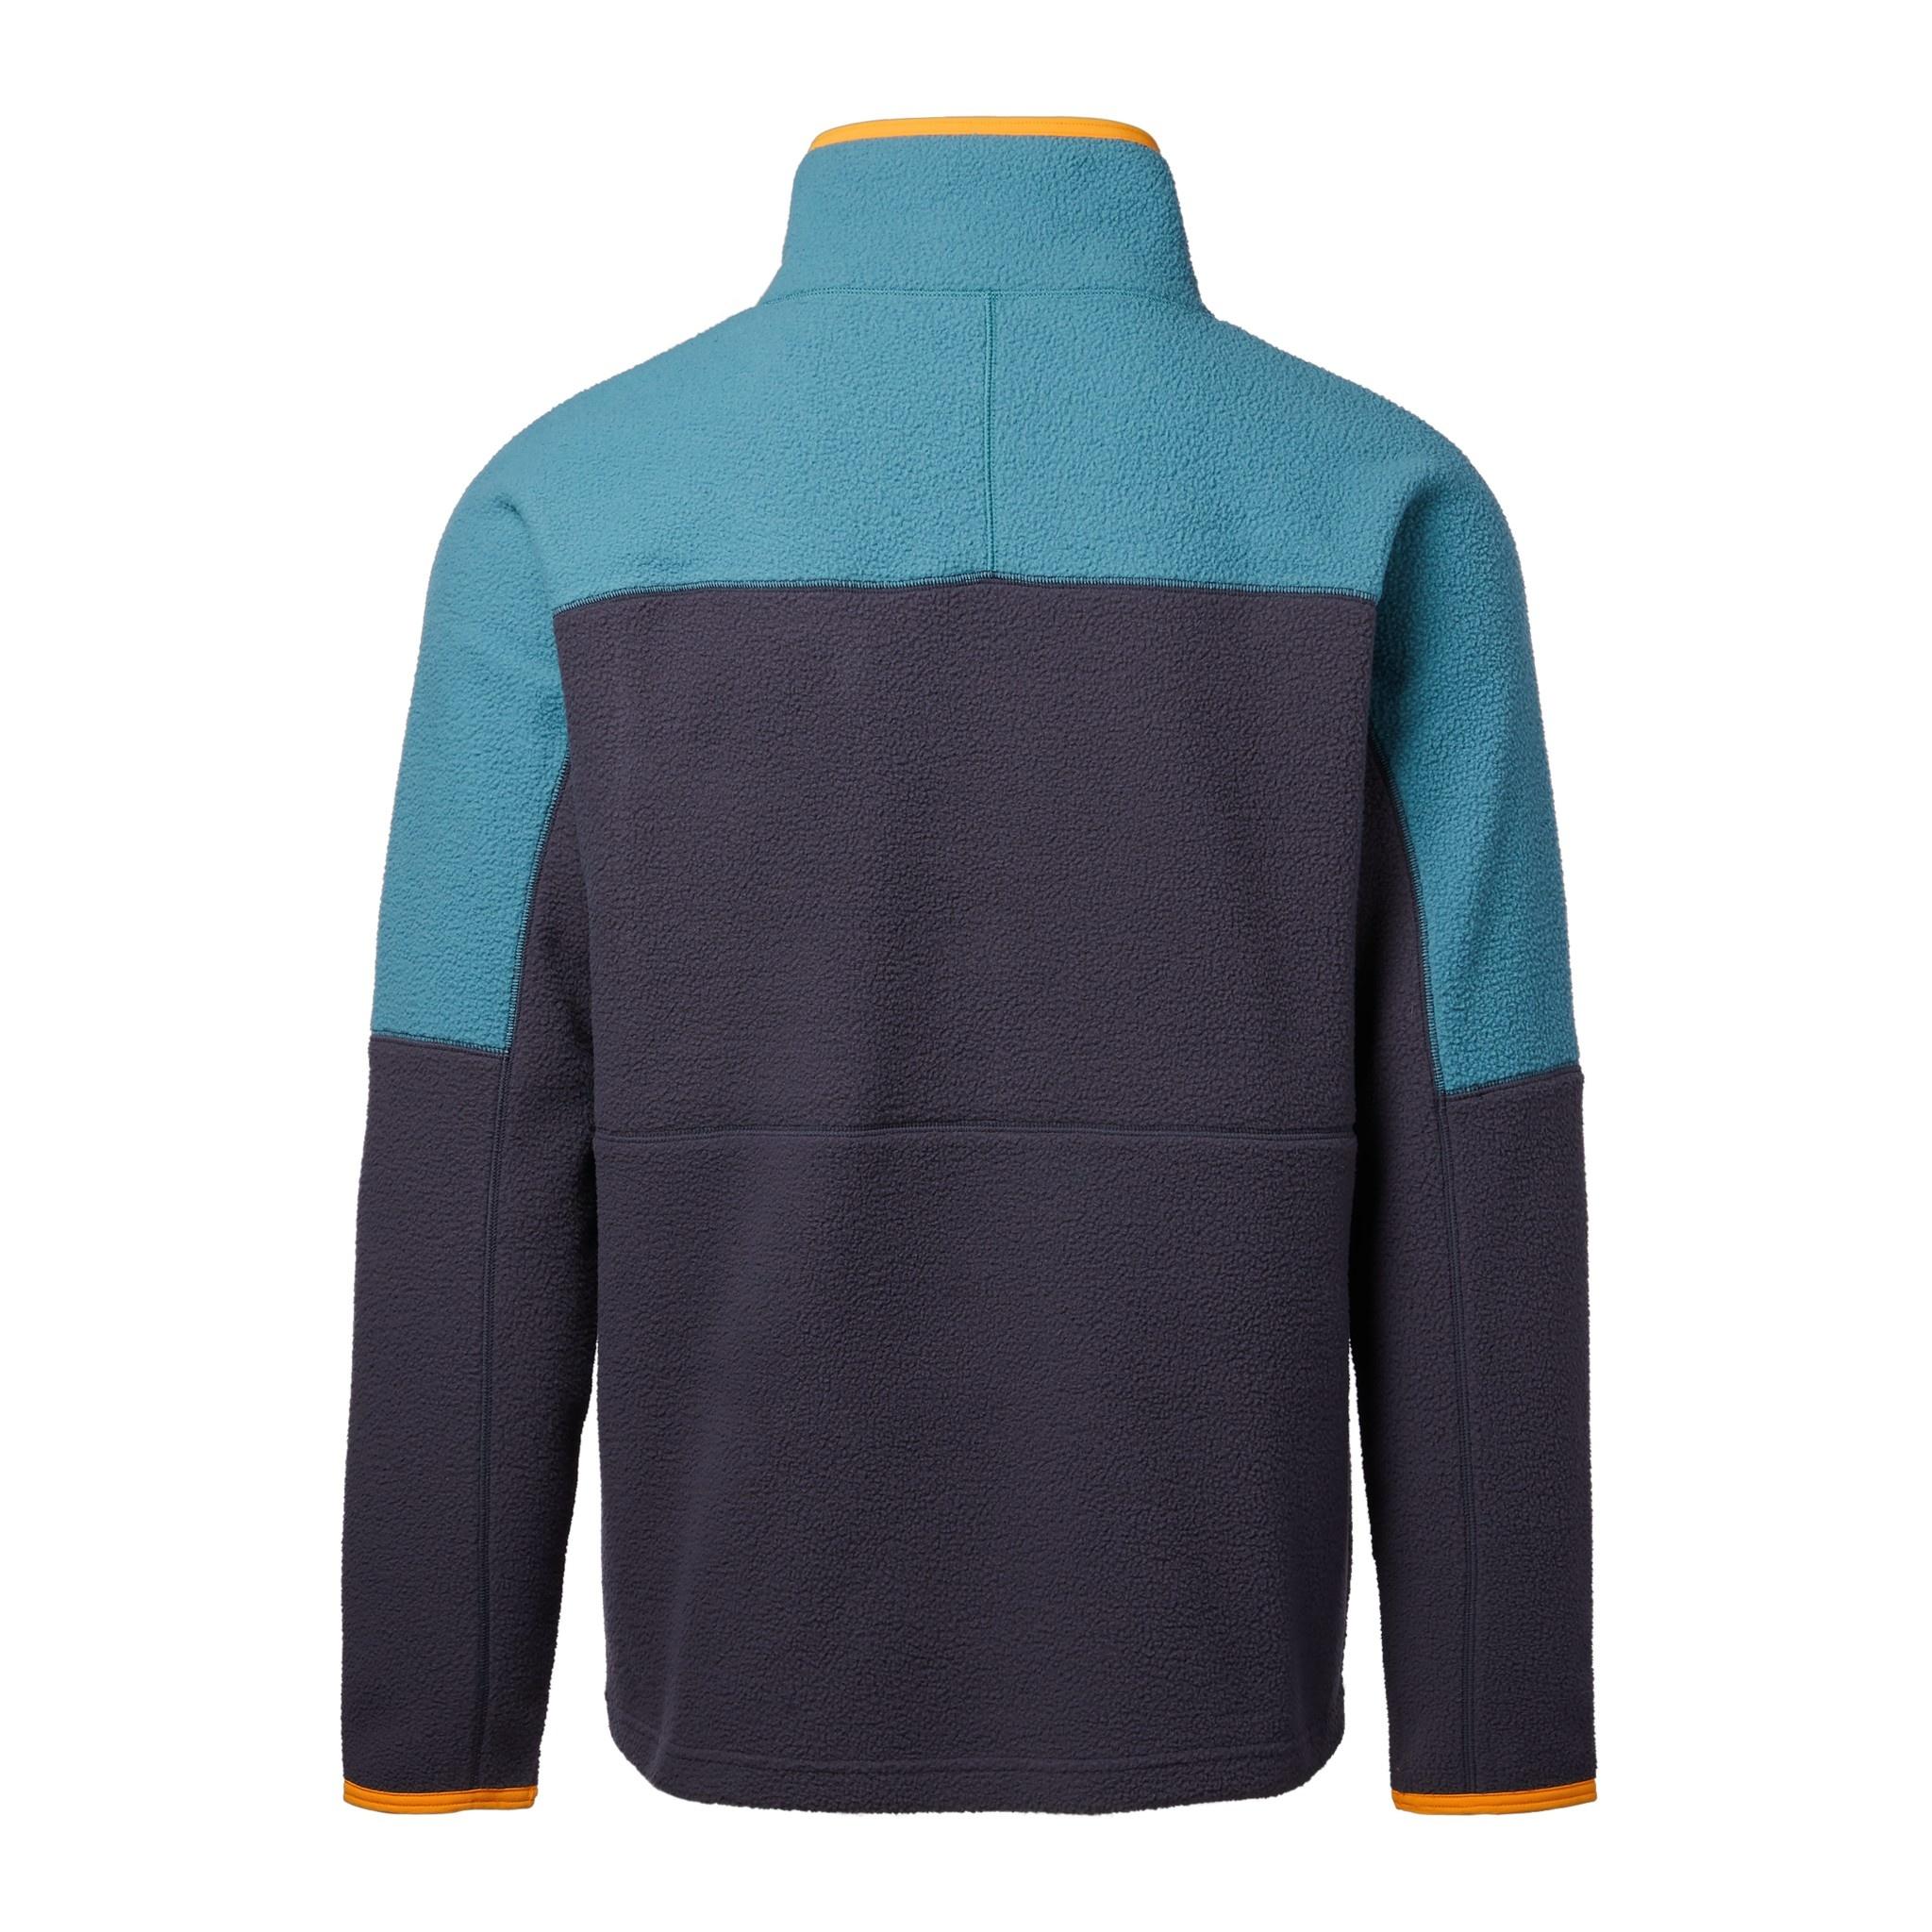 Cotopaxi M's Dorado Half-Zip Jacket-4